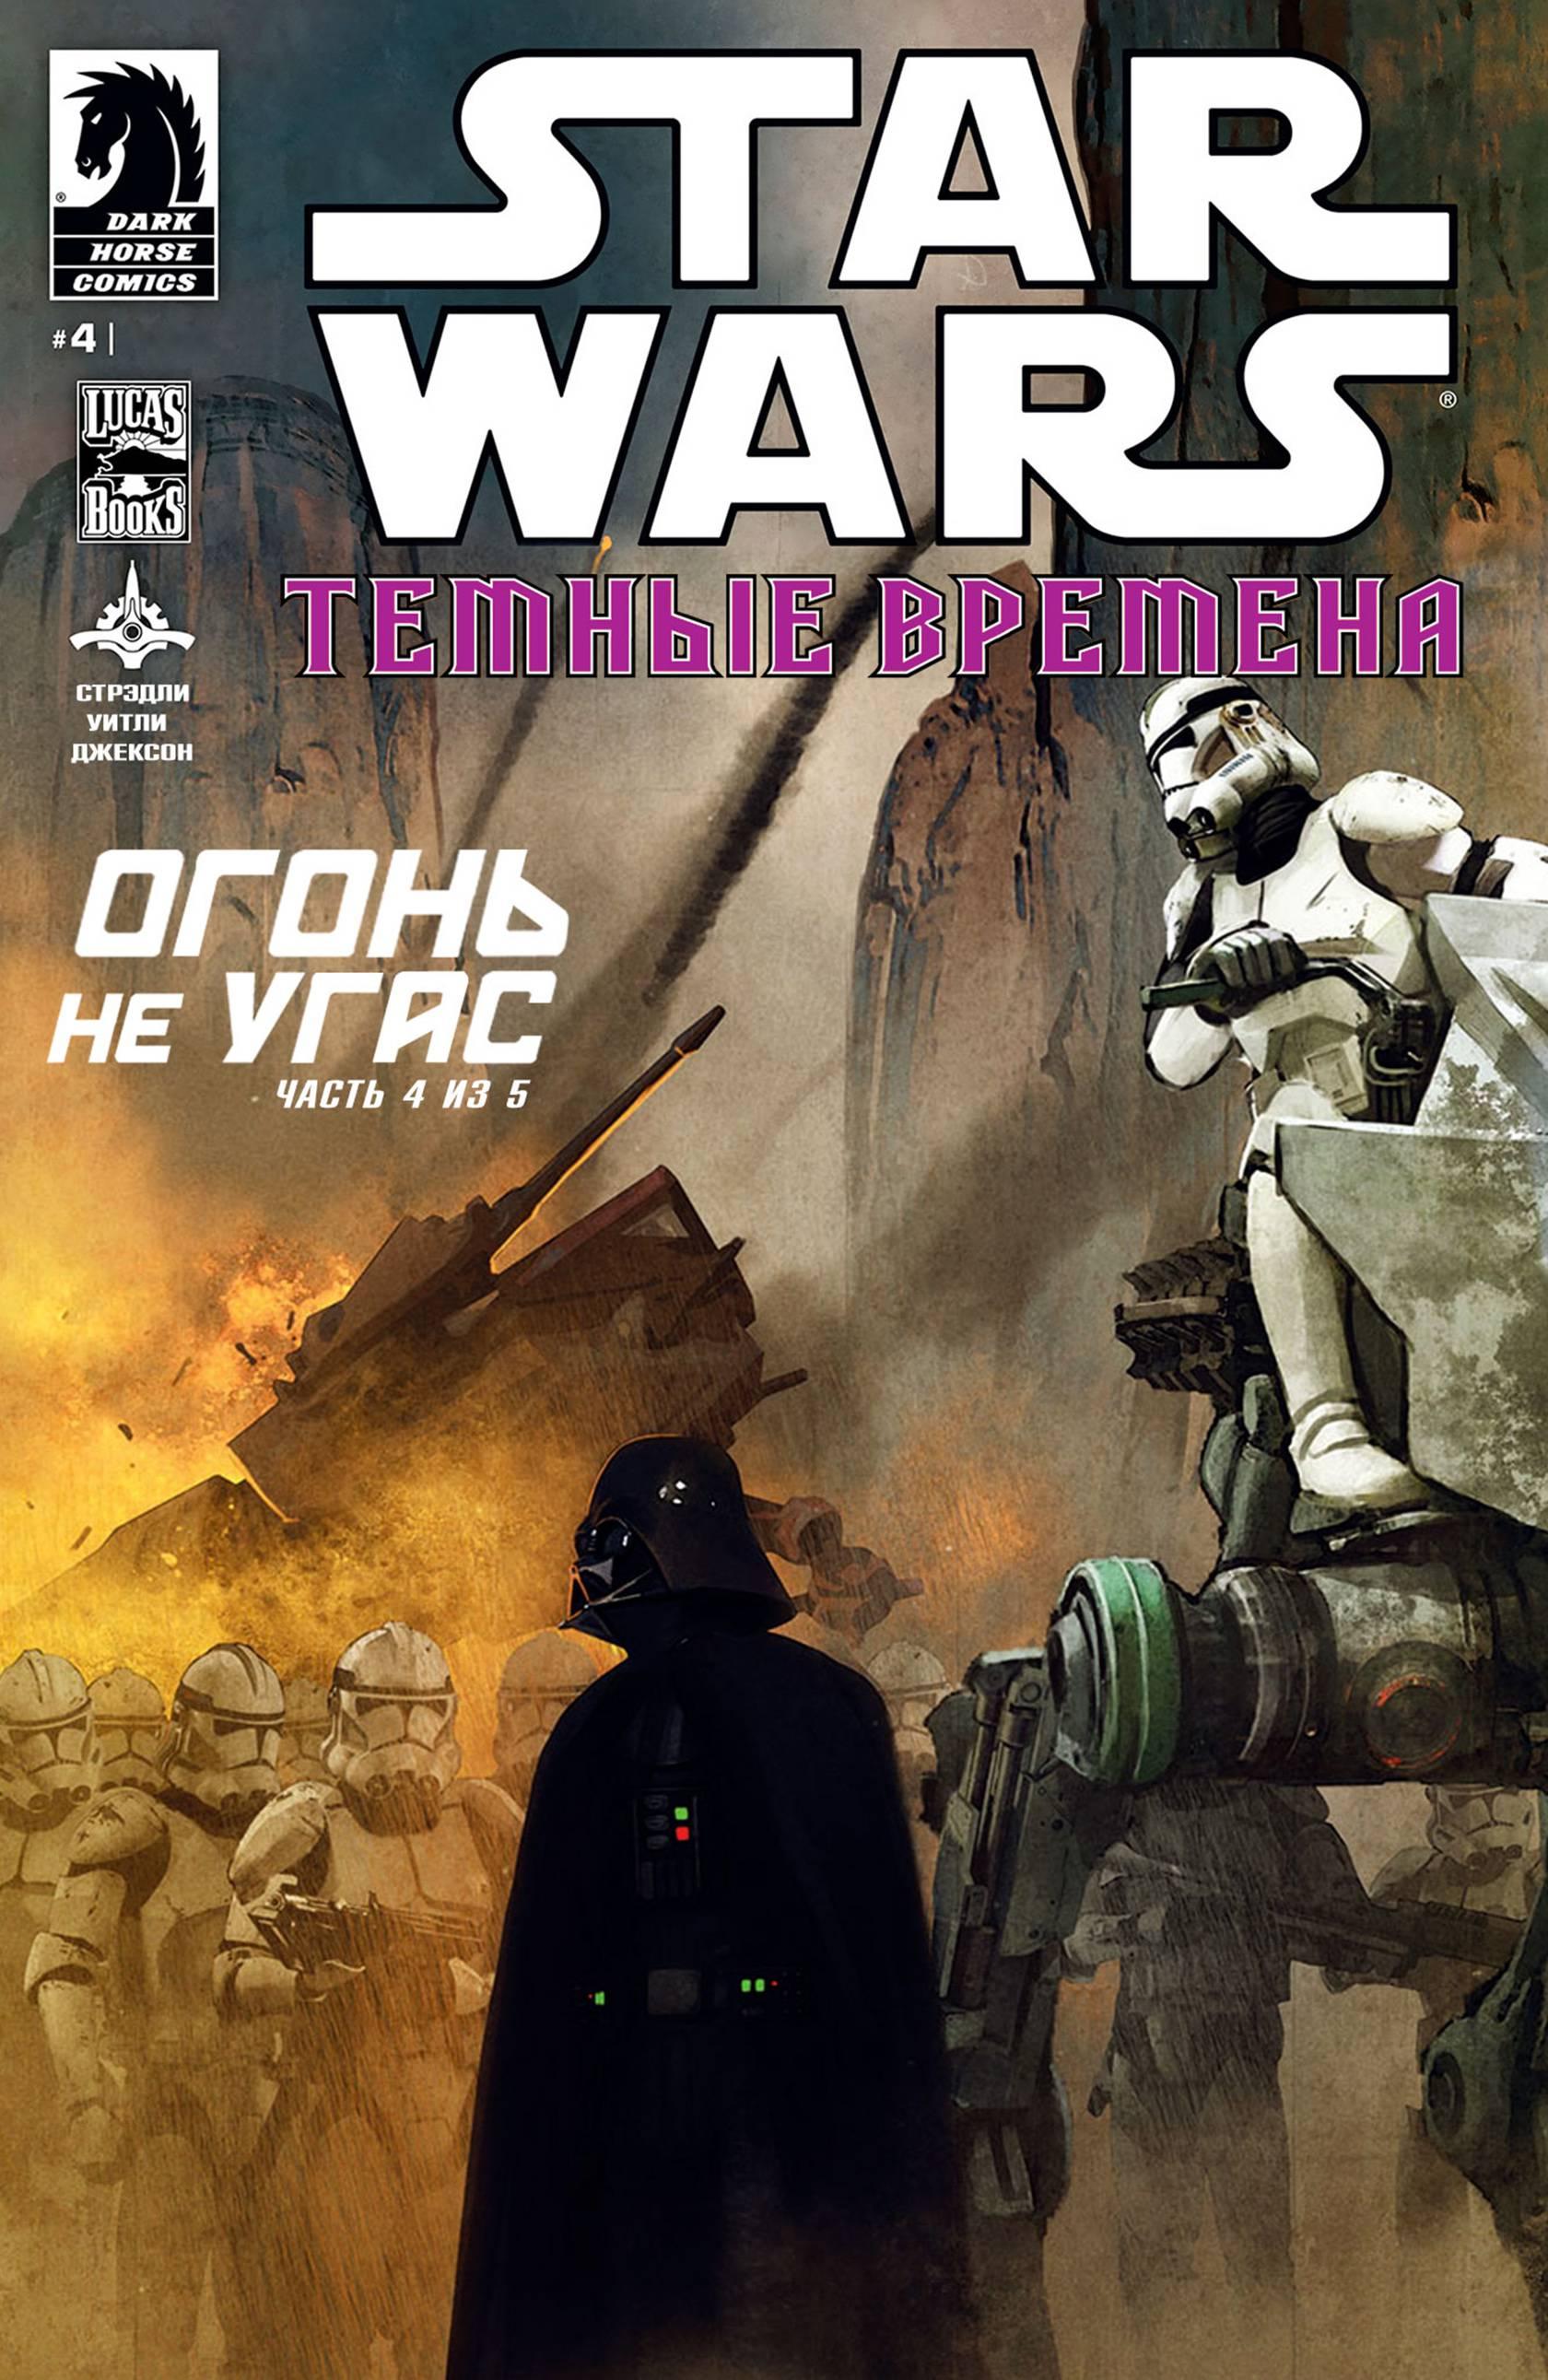 Звёздные войны: Темные Времена - Огонь Не Угас №4 онлайн